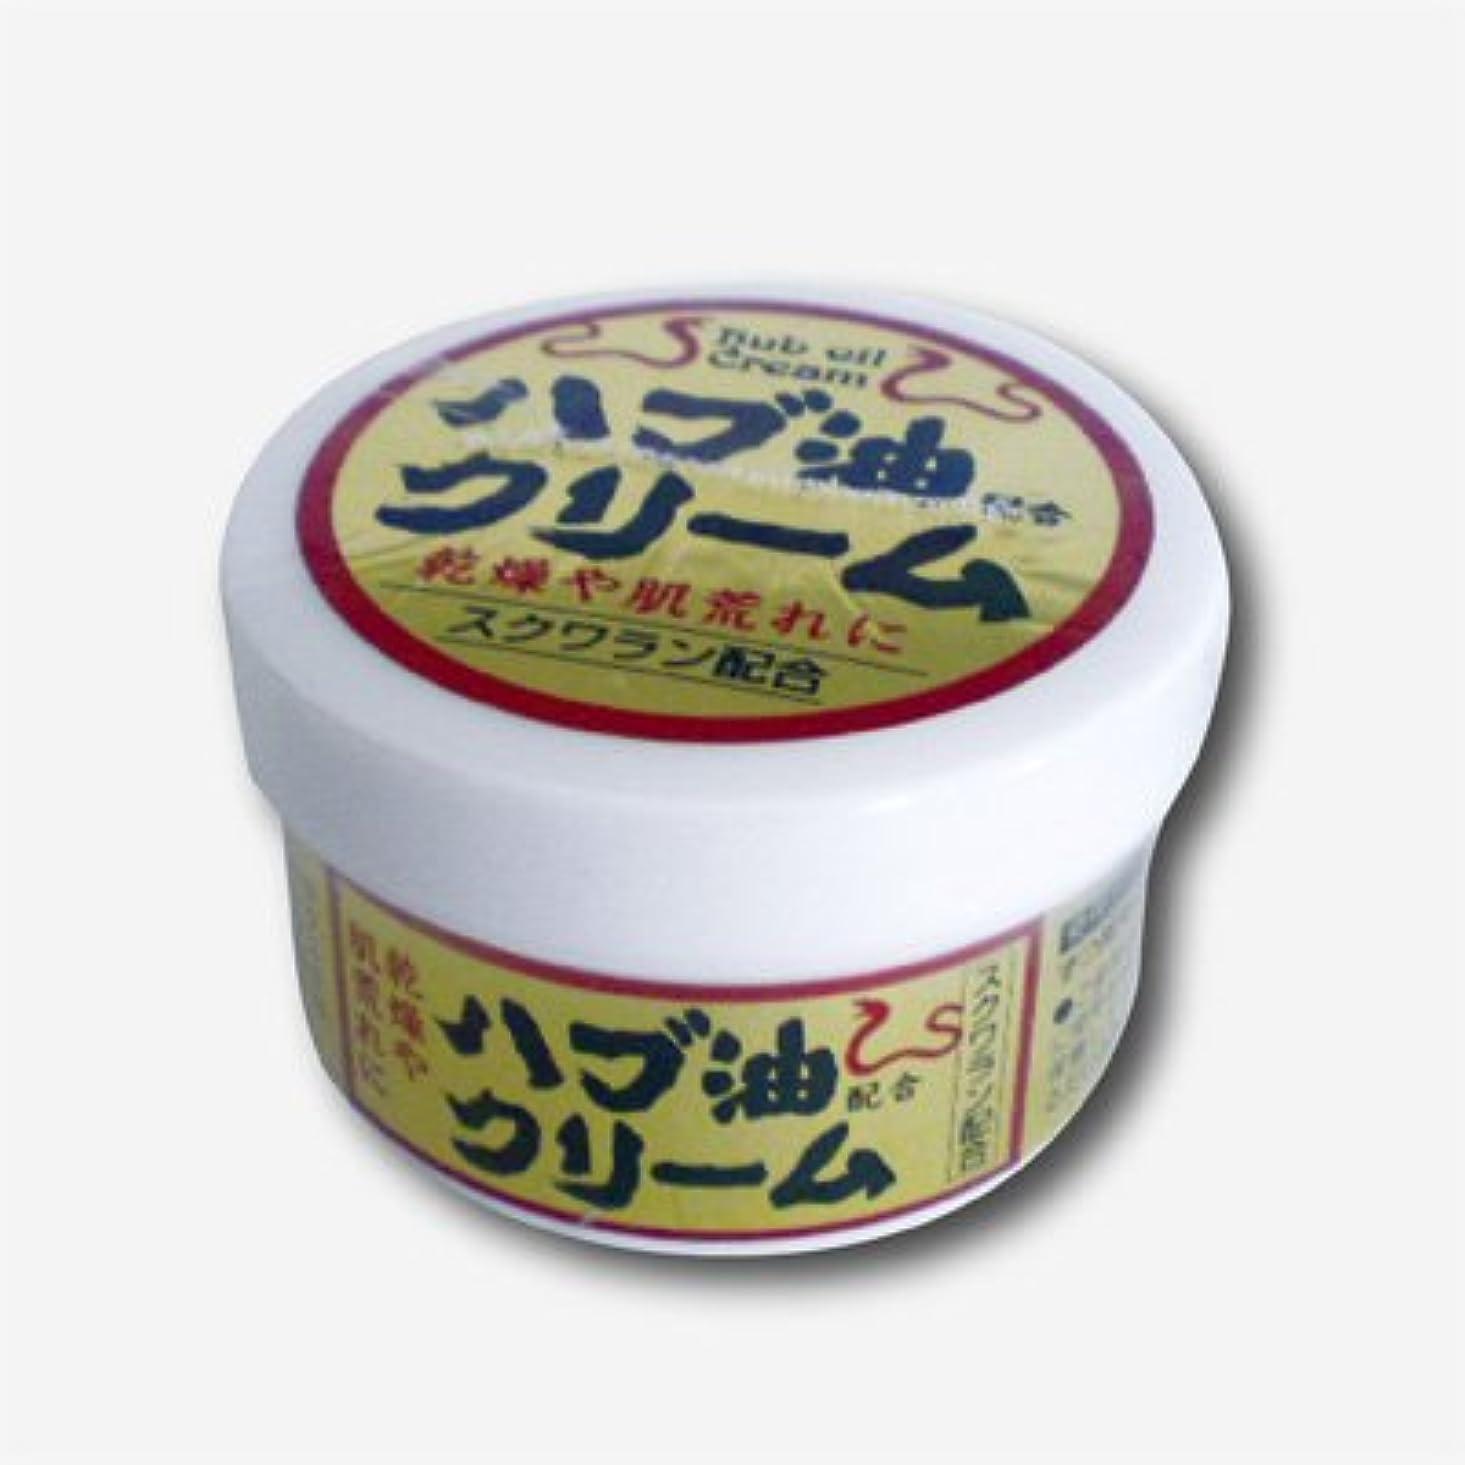 トーンレンズ加速するハブ油配合クリーム 1個【1個?50g】